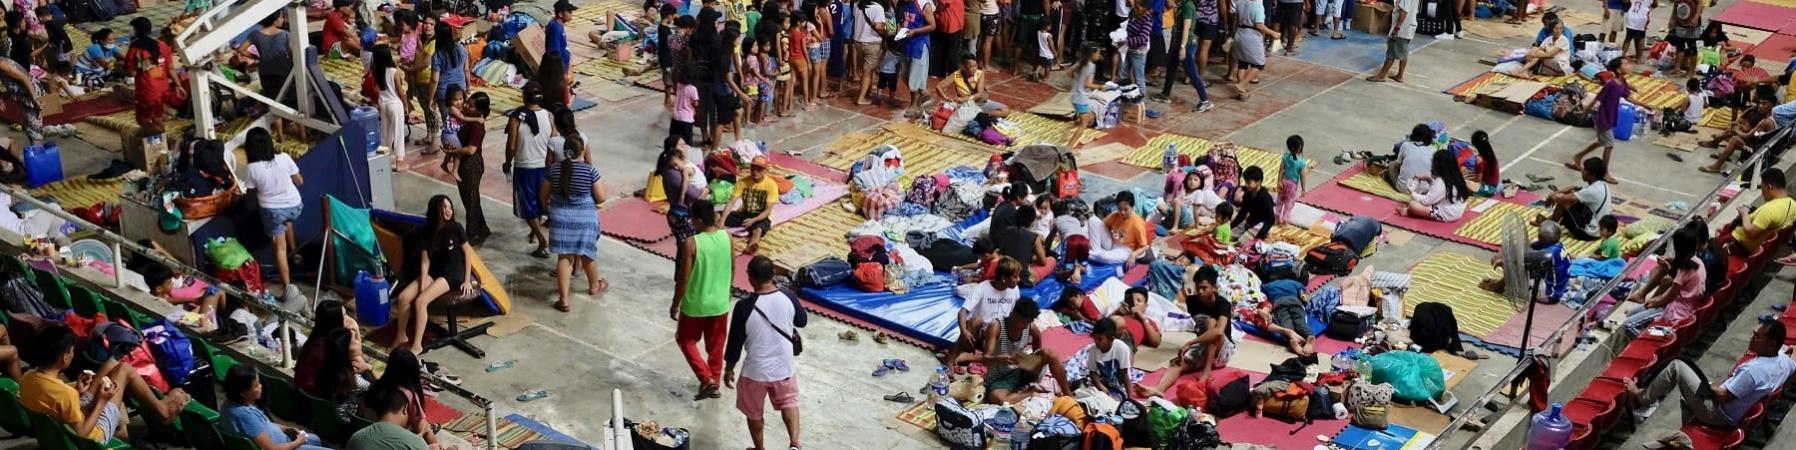 Arena piena di sfollati nelle Filippine.